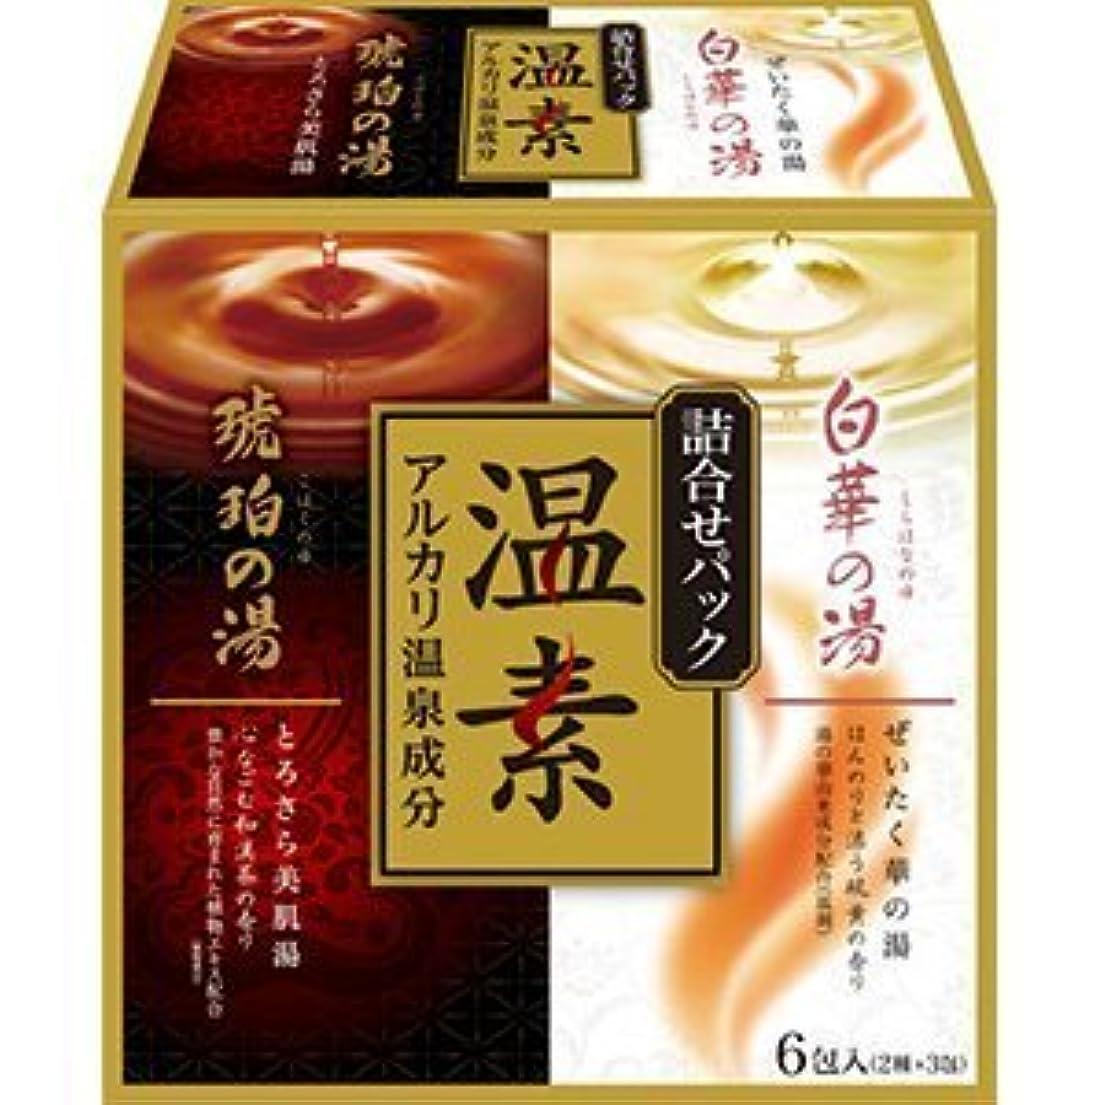 アスレチック受け入れる計り知れない温素 琥珀の湯&白華の湯 詰合せパック × 3個セット